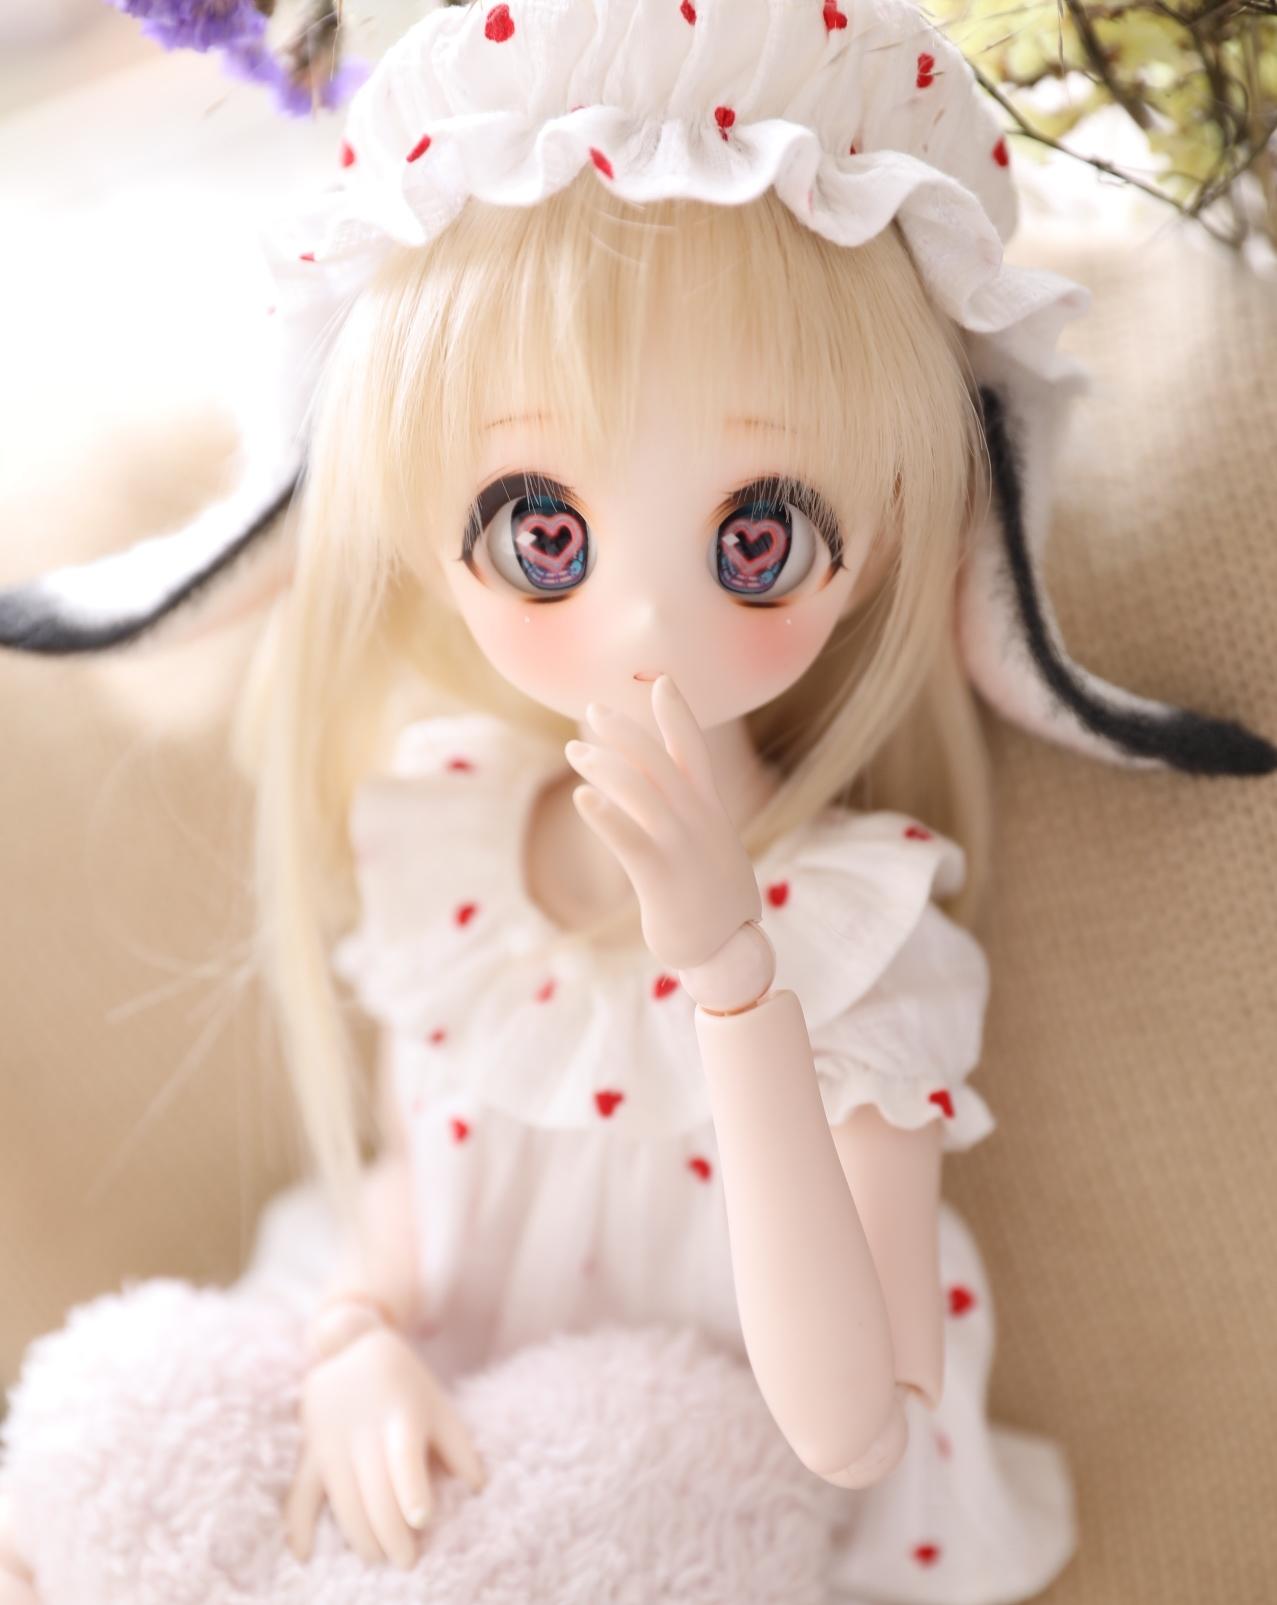 Anime-face-Tuqiu_1.jpg